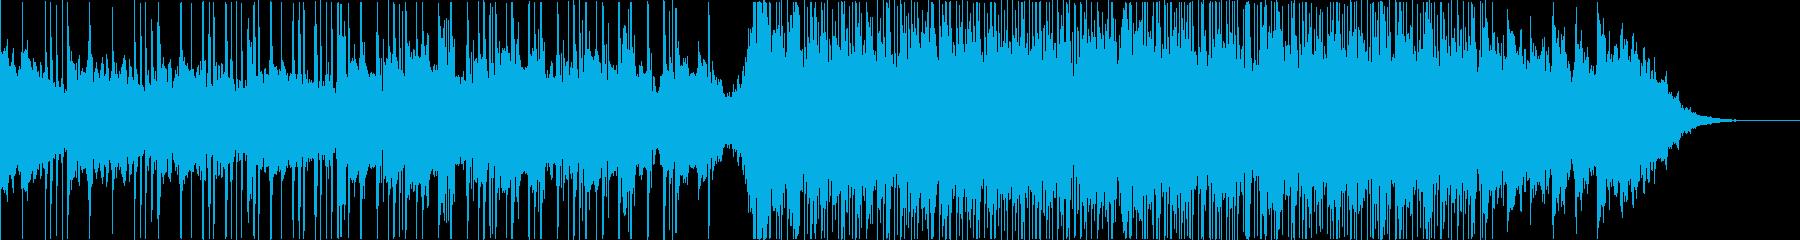 和風エレクトロ、三味線、しっとり、Sの再生済みの波形